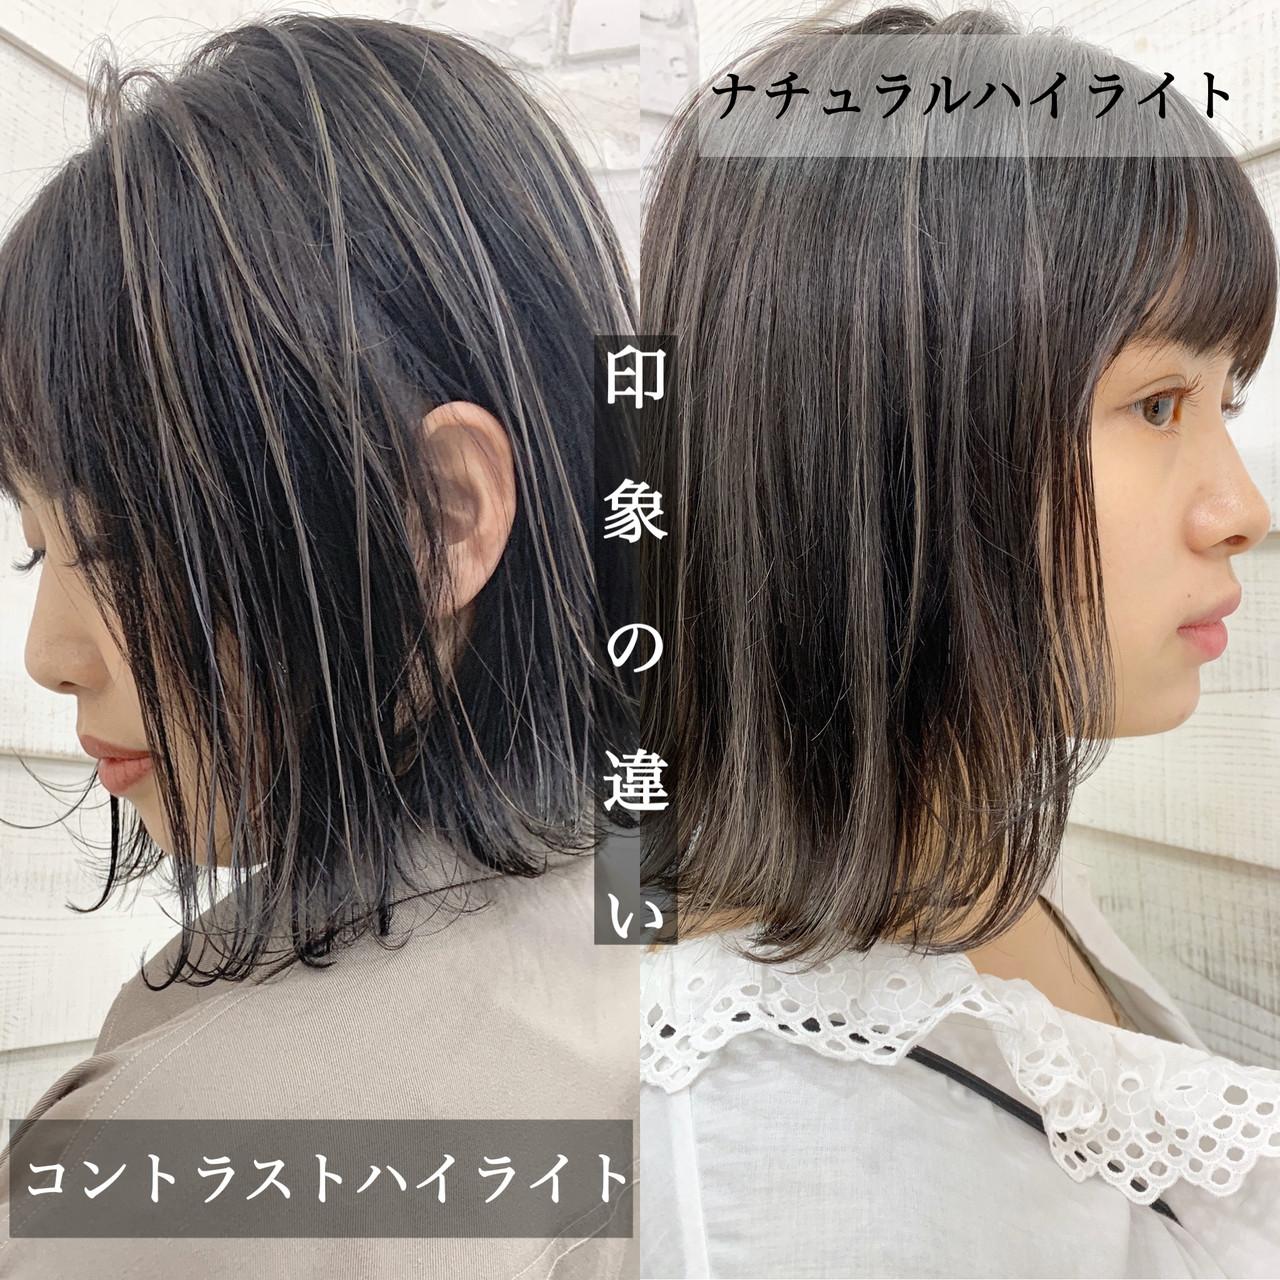 ウルフカット ナチュラル インナーカラー ショートボブ ヘアスタイルや髪型の写真・画像